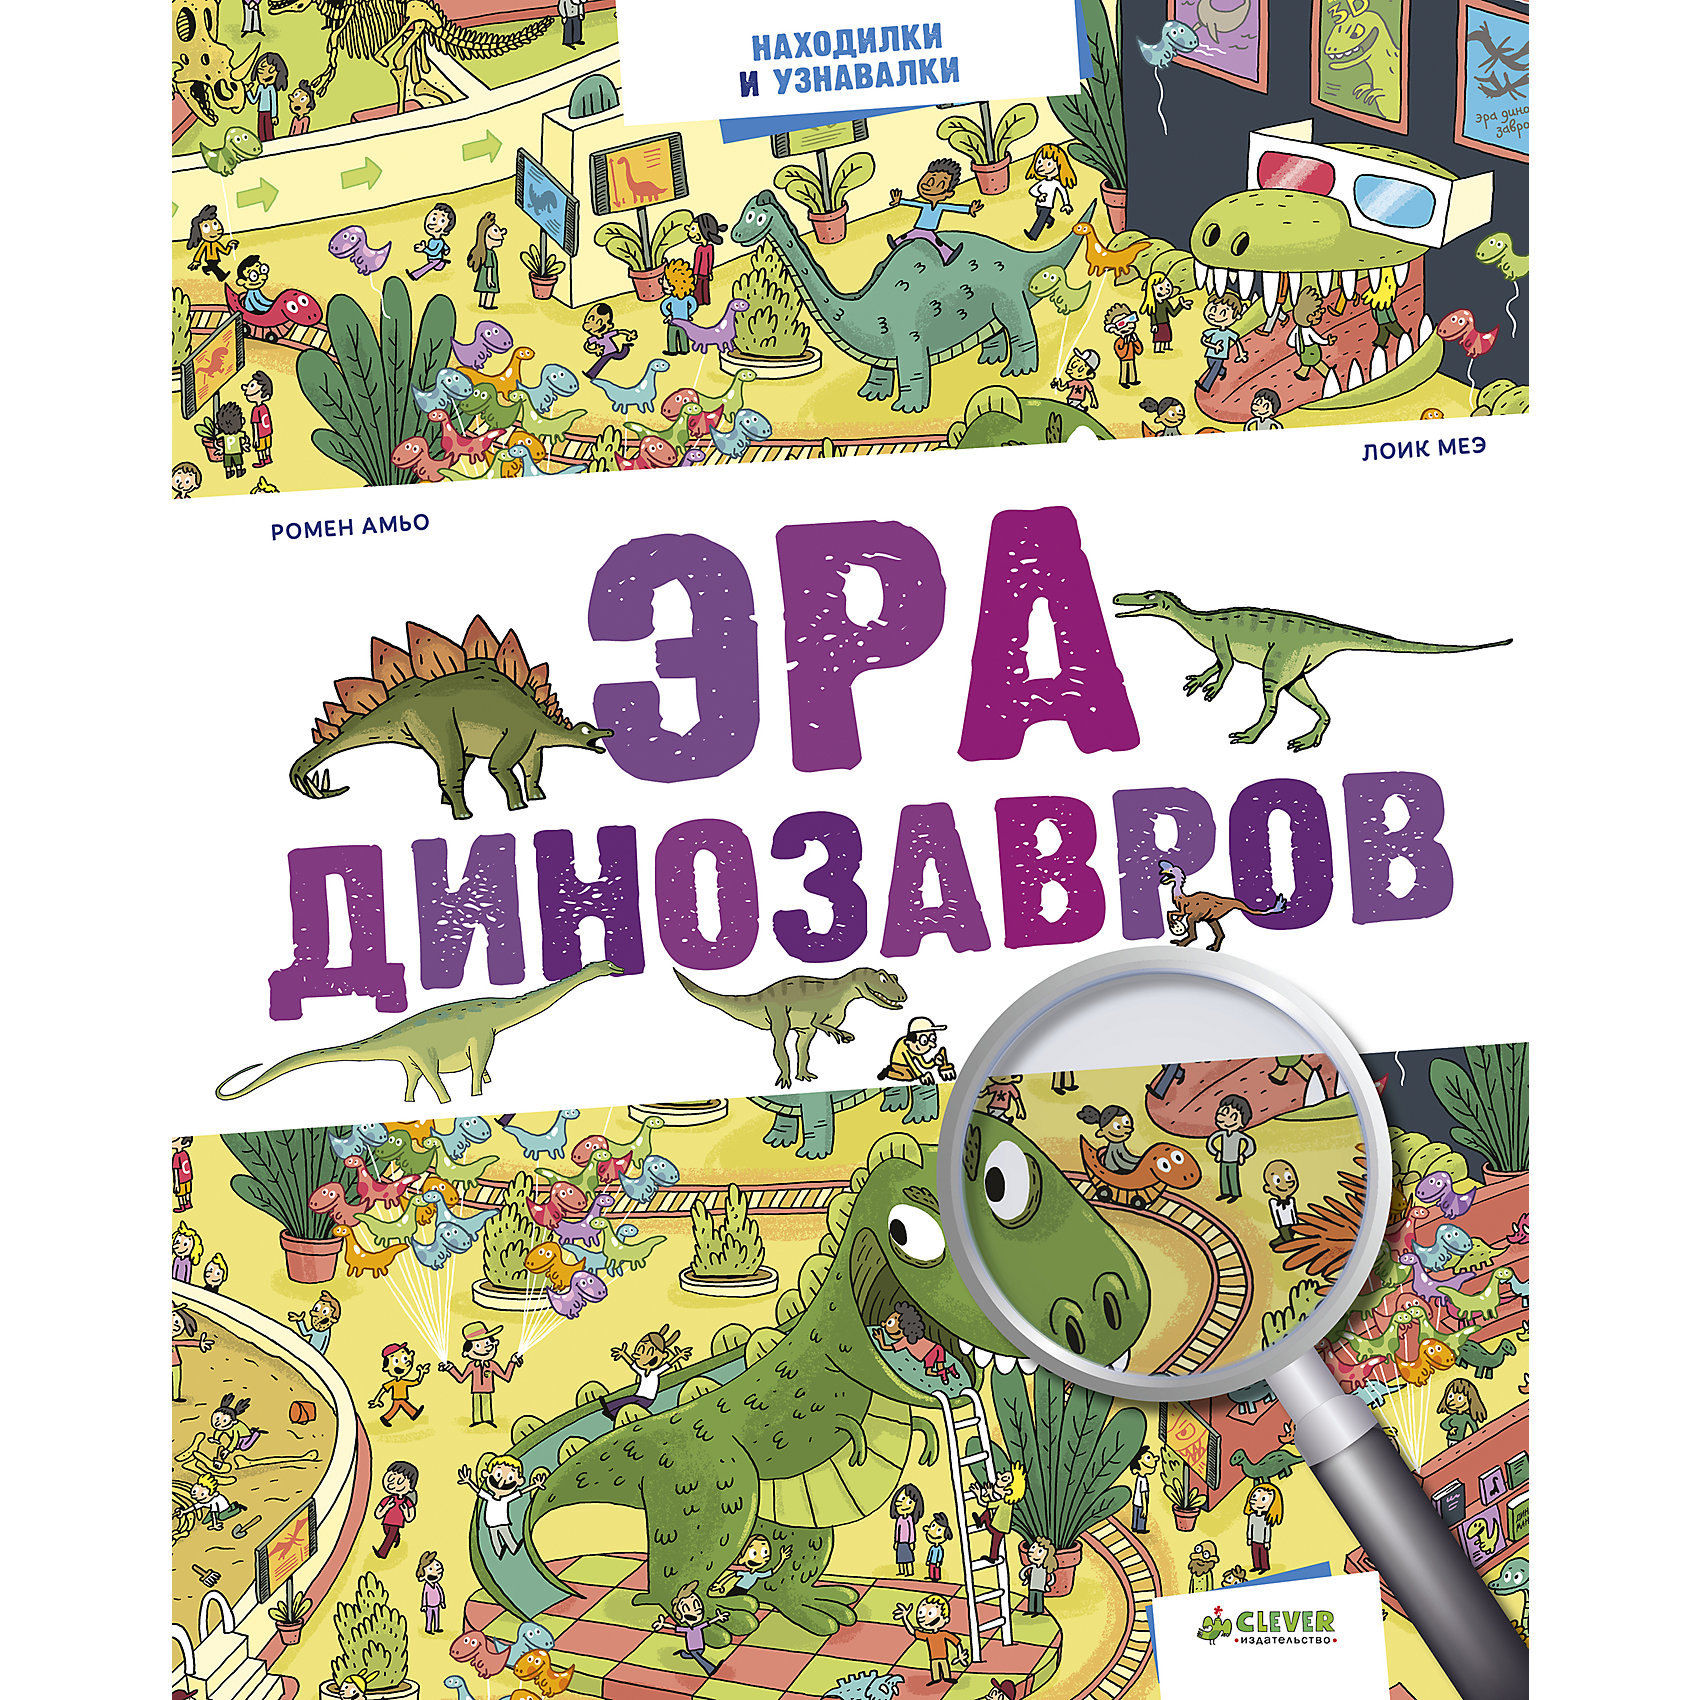 Эра динозавровЭра динозавров.<br><br>Характеристики:<br><br>- Формат издания :245x340 мм (большой формат).<br>- Количество страниц: 32.<br>- Год выпуска: 2016.<br>- Издательство: Клевер- Медиа- Групп.<br>- Серия: Находилки и узнавалки.<br><br>На страницах этой книги затерялись тираннозавр рекс, спинозавр, диплодок и велоцираптор. Сможешь ли ты их найти?<br>- Краткое описание временного периода.<br>- Интересная и познавательная информация.<br>- Динозавры, которых надо найти.<br>- Панорамная картинка.  Играй, учись и веселись!<br>С такой книгой путешествие по Эре динозавров  станет занимательным и увлекательным для вашего ребенка!<br><br>Эра динозавров, можно купить в нашем интернет – магазине.<br><br>Ширина мм: 300<br>Глубина мм: 240<br>Высота мм: 8<br>Вес г: 440<br>Возраст от месяцев: 84<br>Возраст до месяцев: 132<br>Пол: Унисекс<br>Возраст: Детский<br>SKU: 5377808